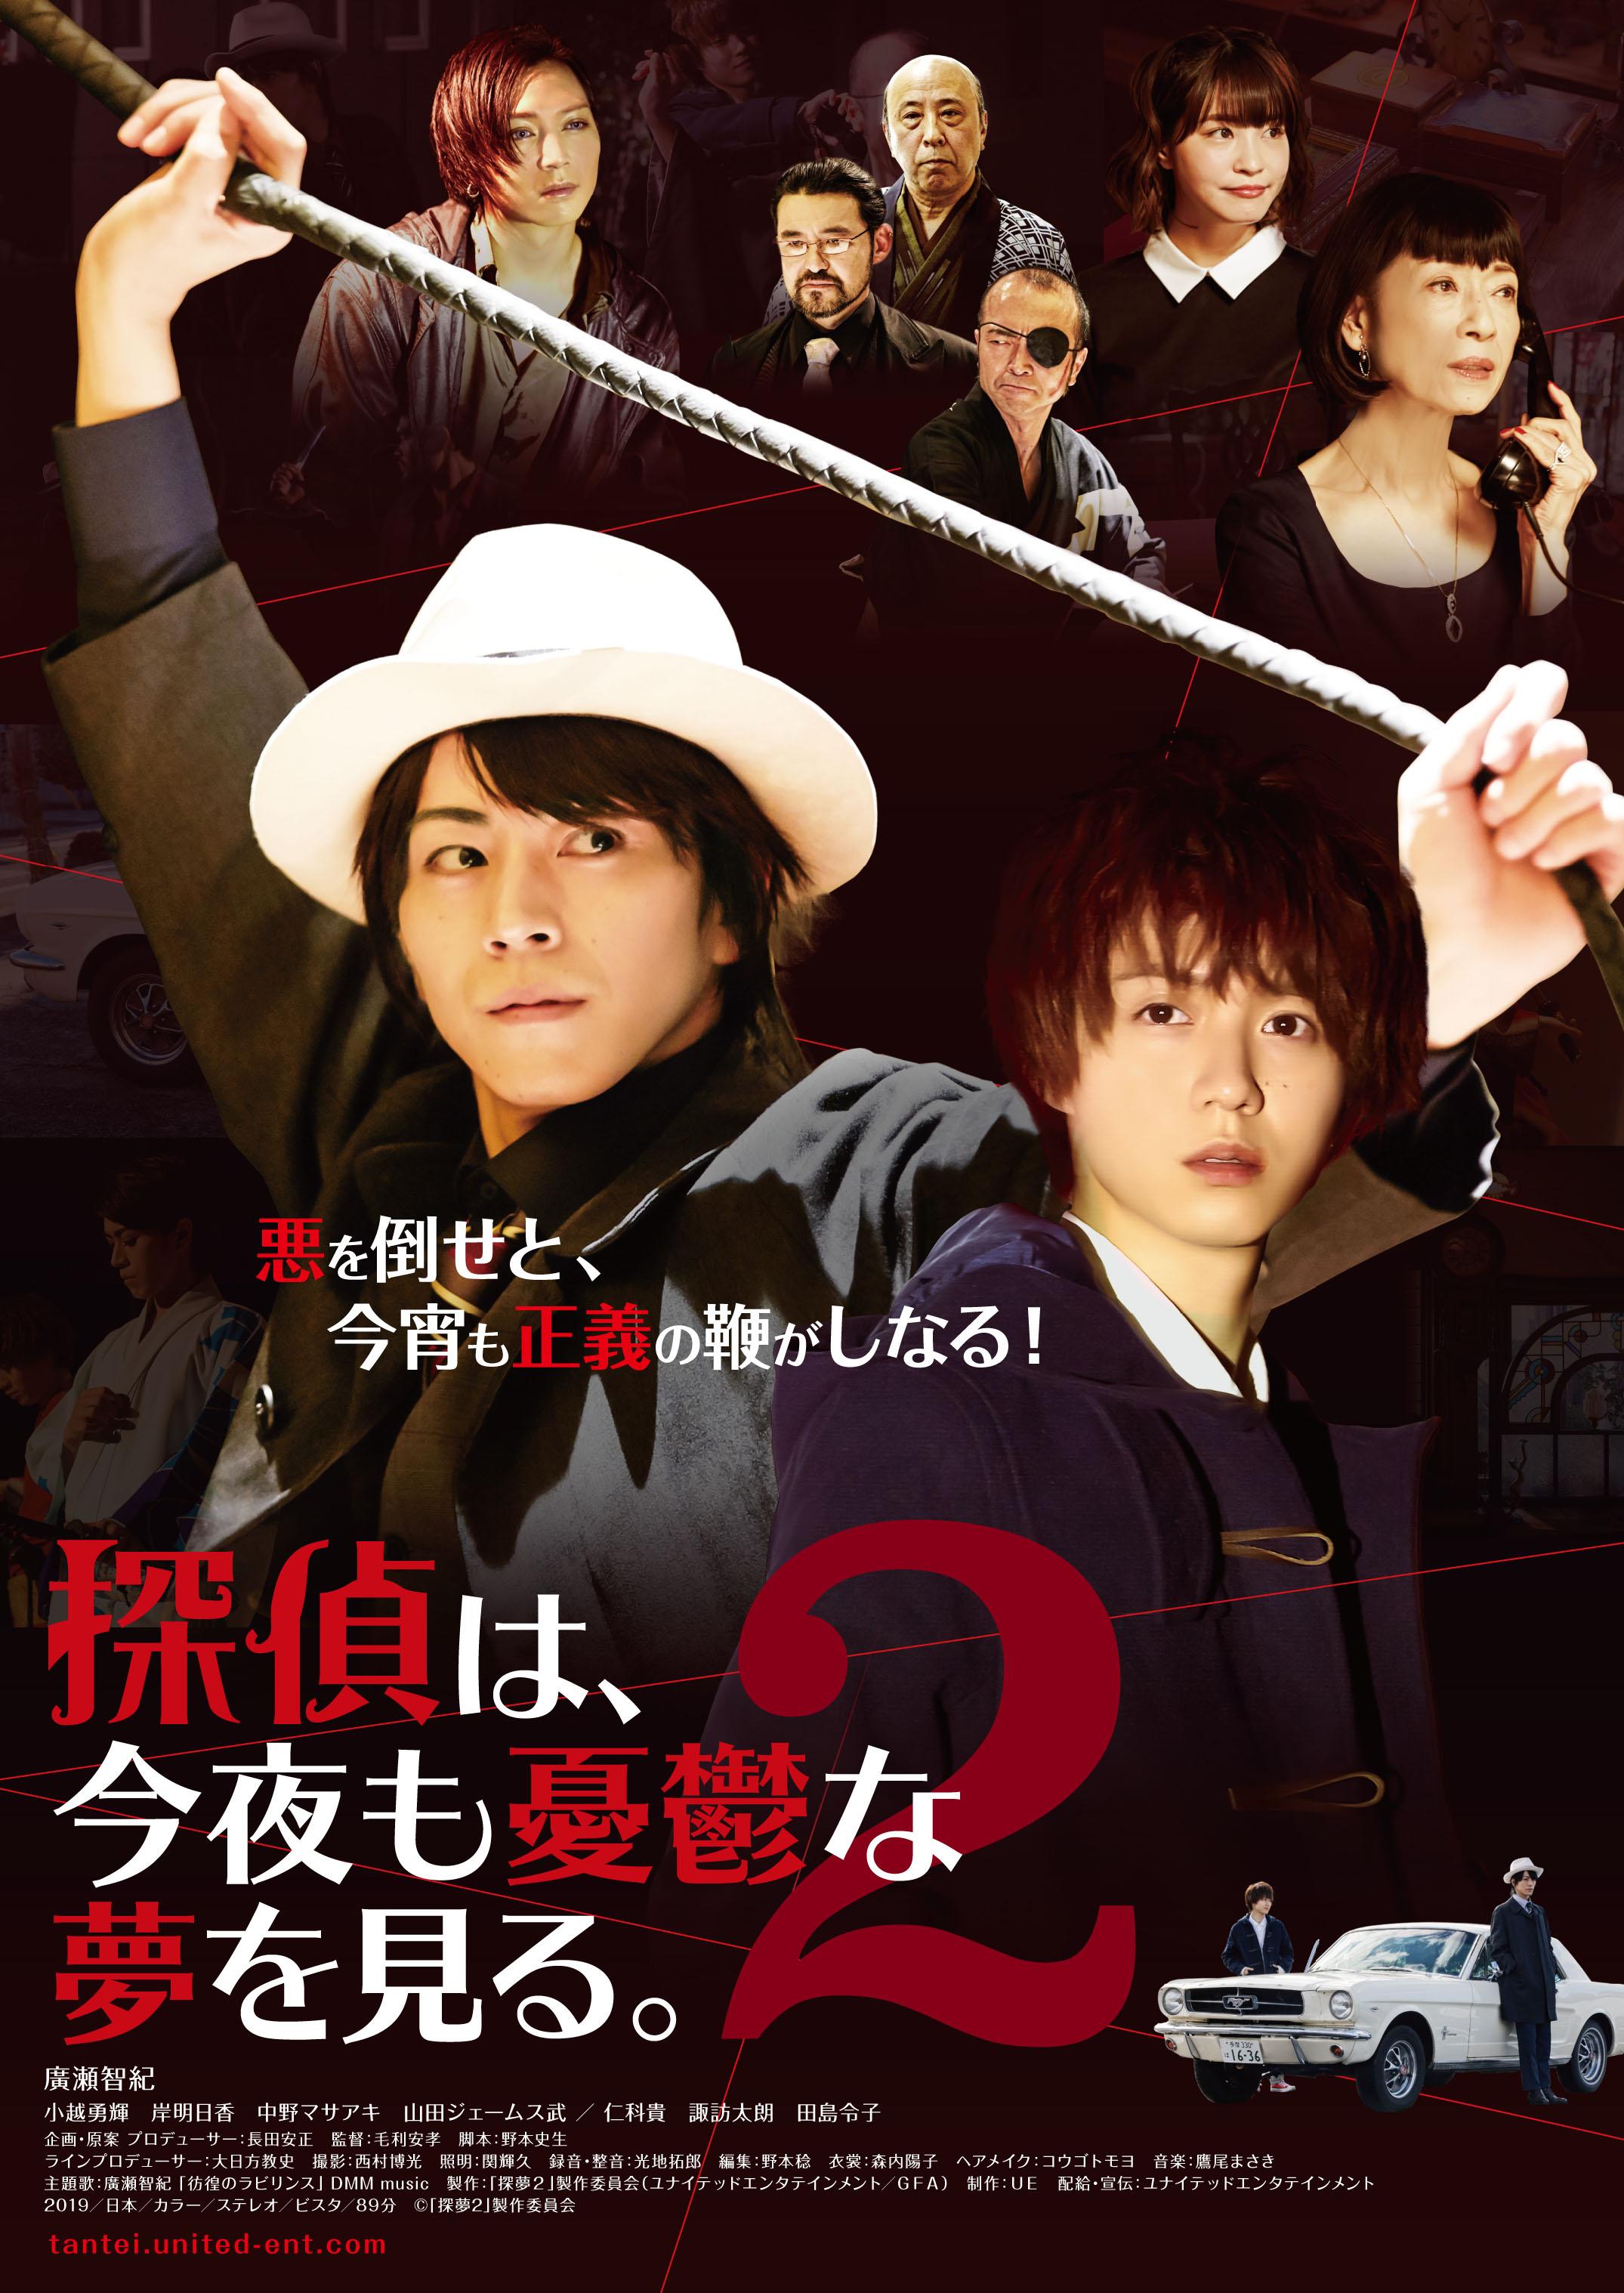 映画『探偵は、今夜も憂鬱な夢を見る。2』DVD発売記念先行お渡し会 in東京